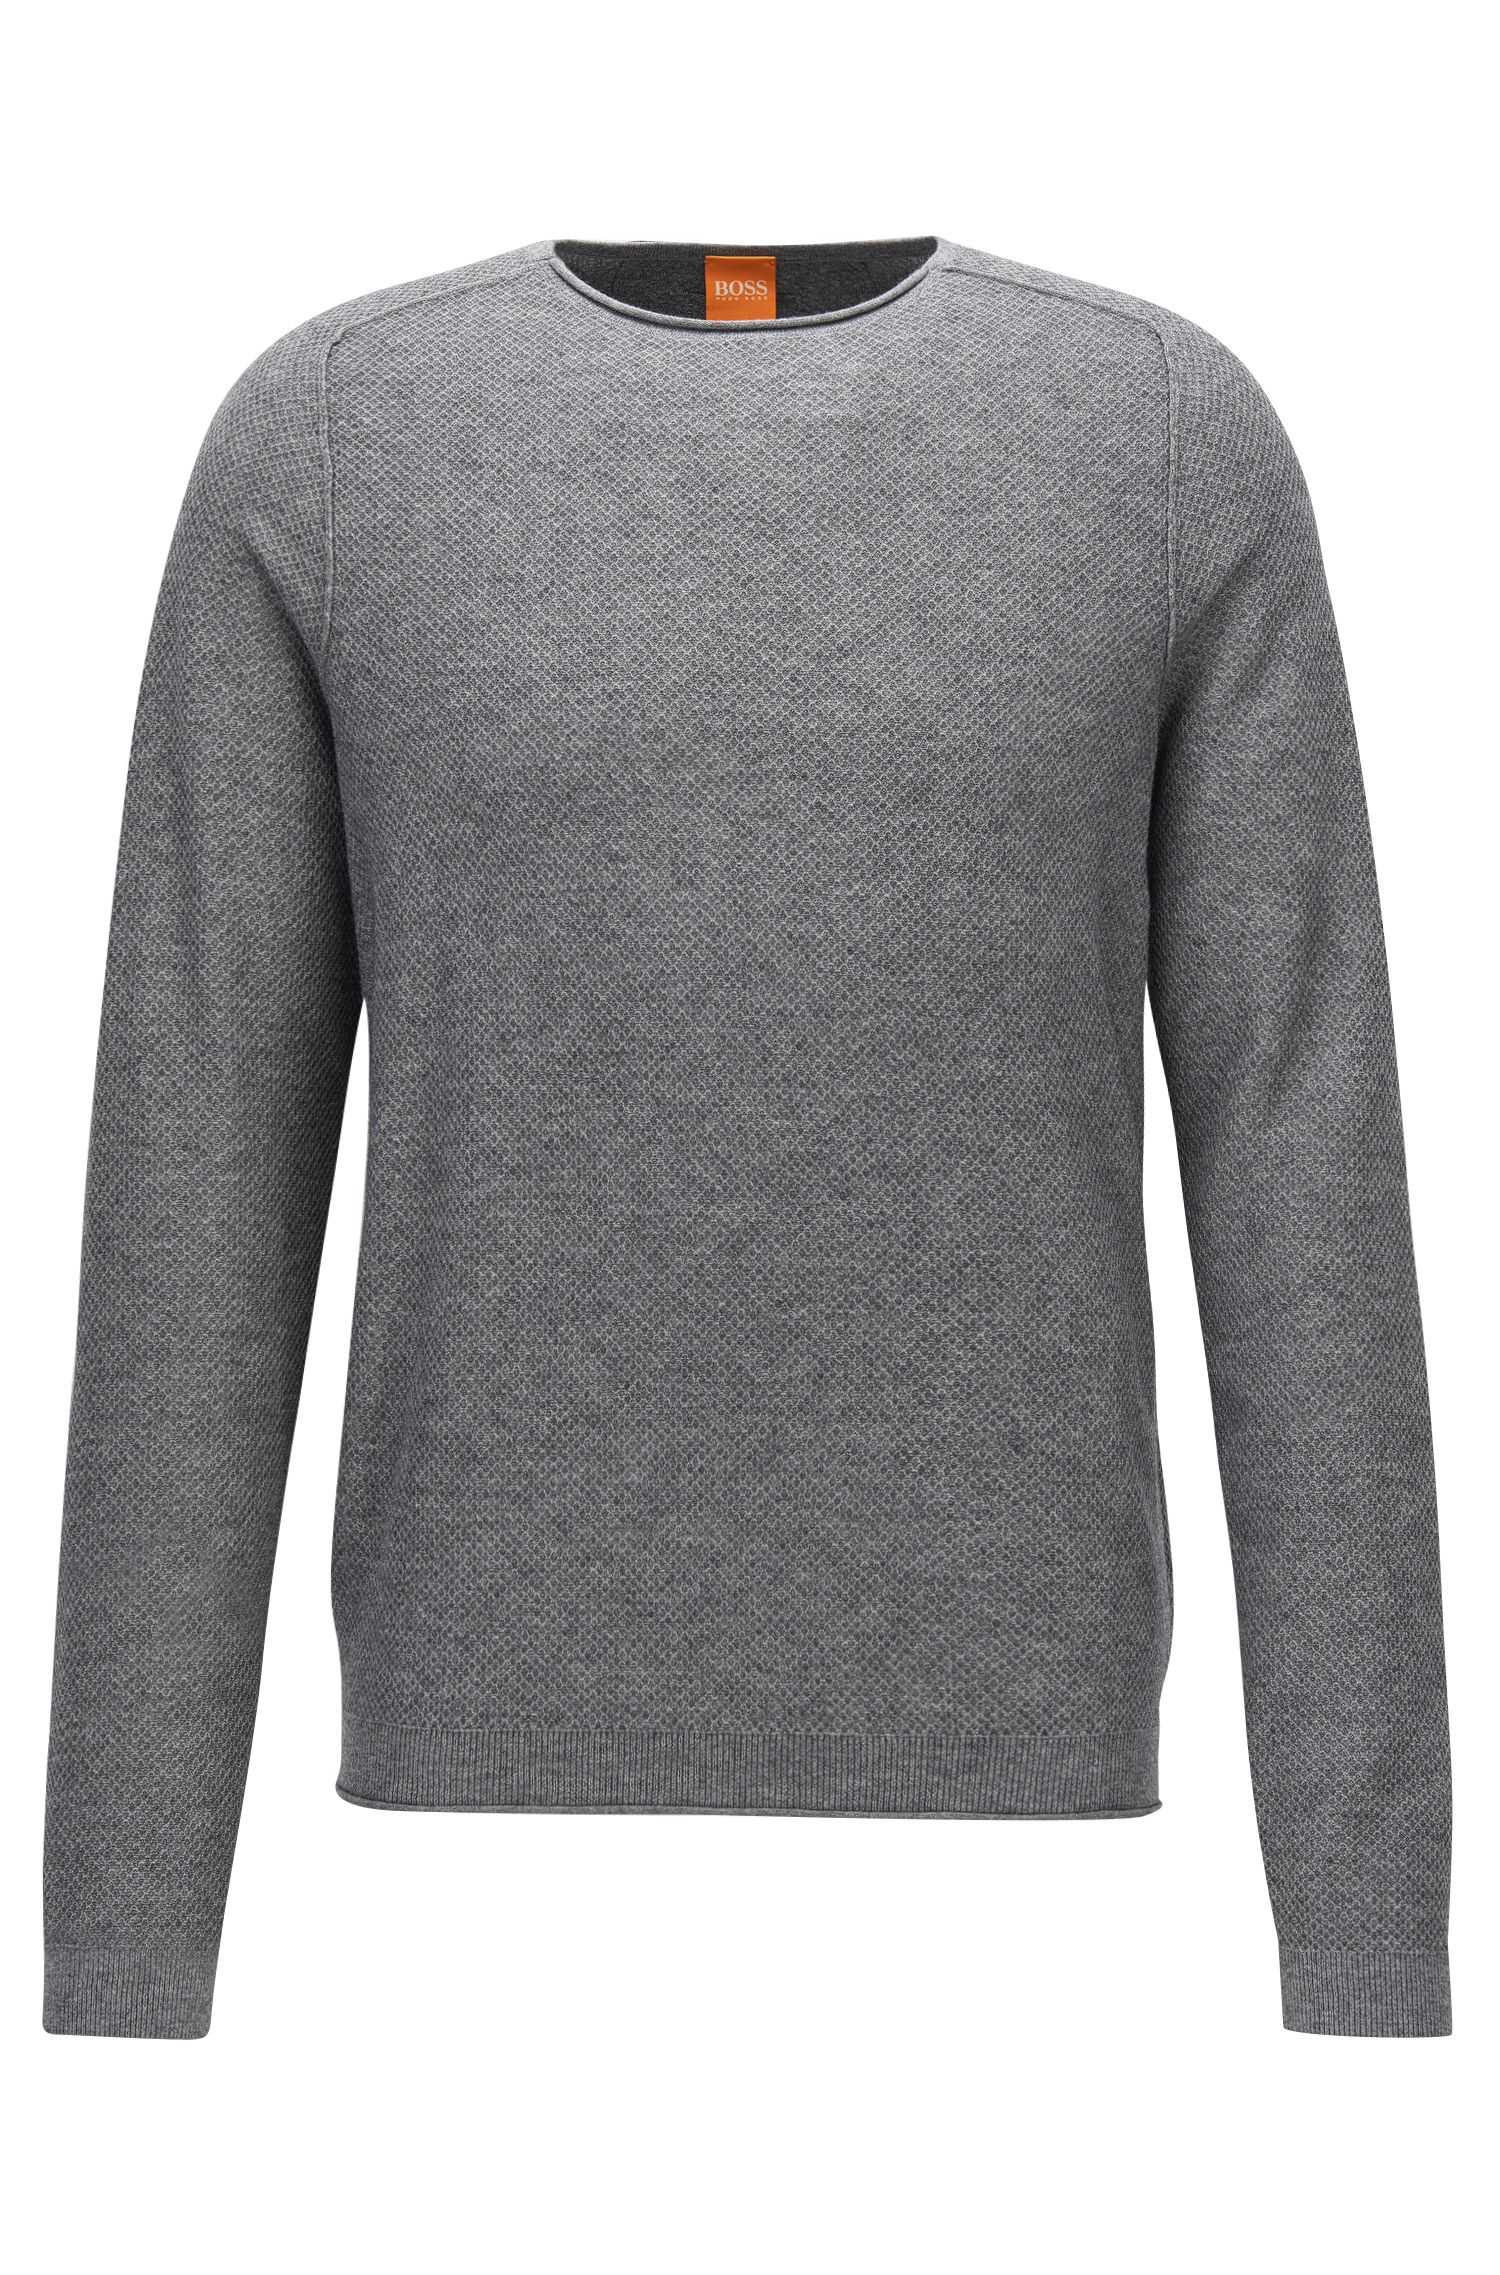 Regular-Fit Pullover aus strukturiertem Baumwoll-Mix mit Schurwolle